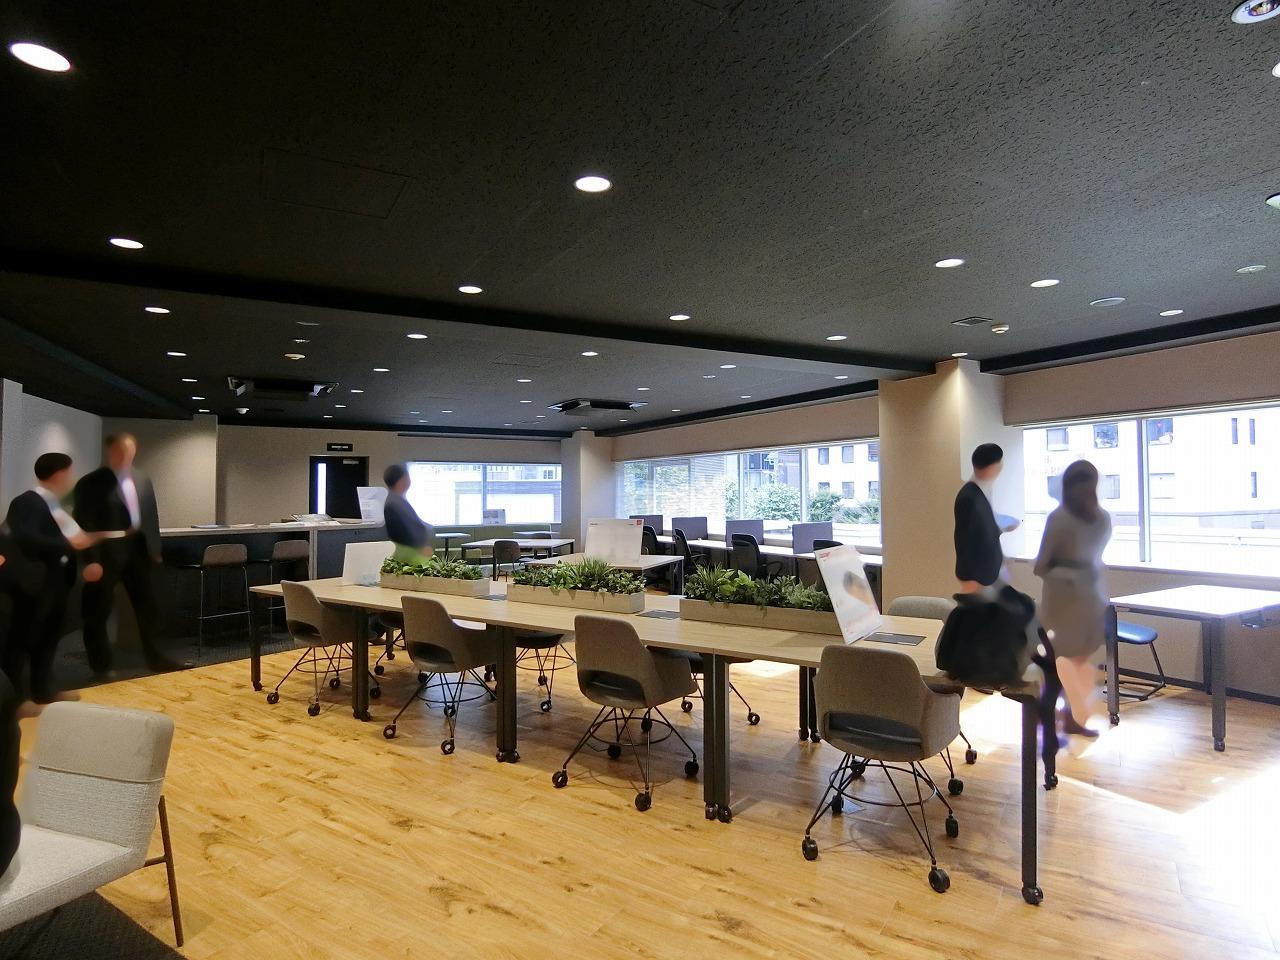 【デザイナーズオフィス】神保町エリア 芸術とスポーツの街でスタイリッシュOffice